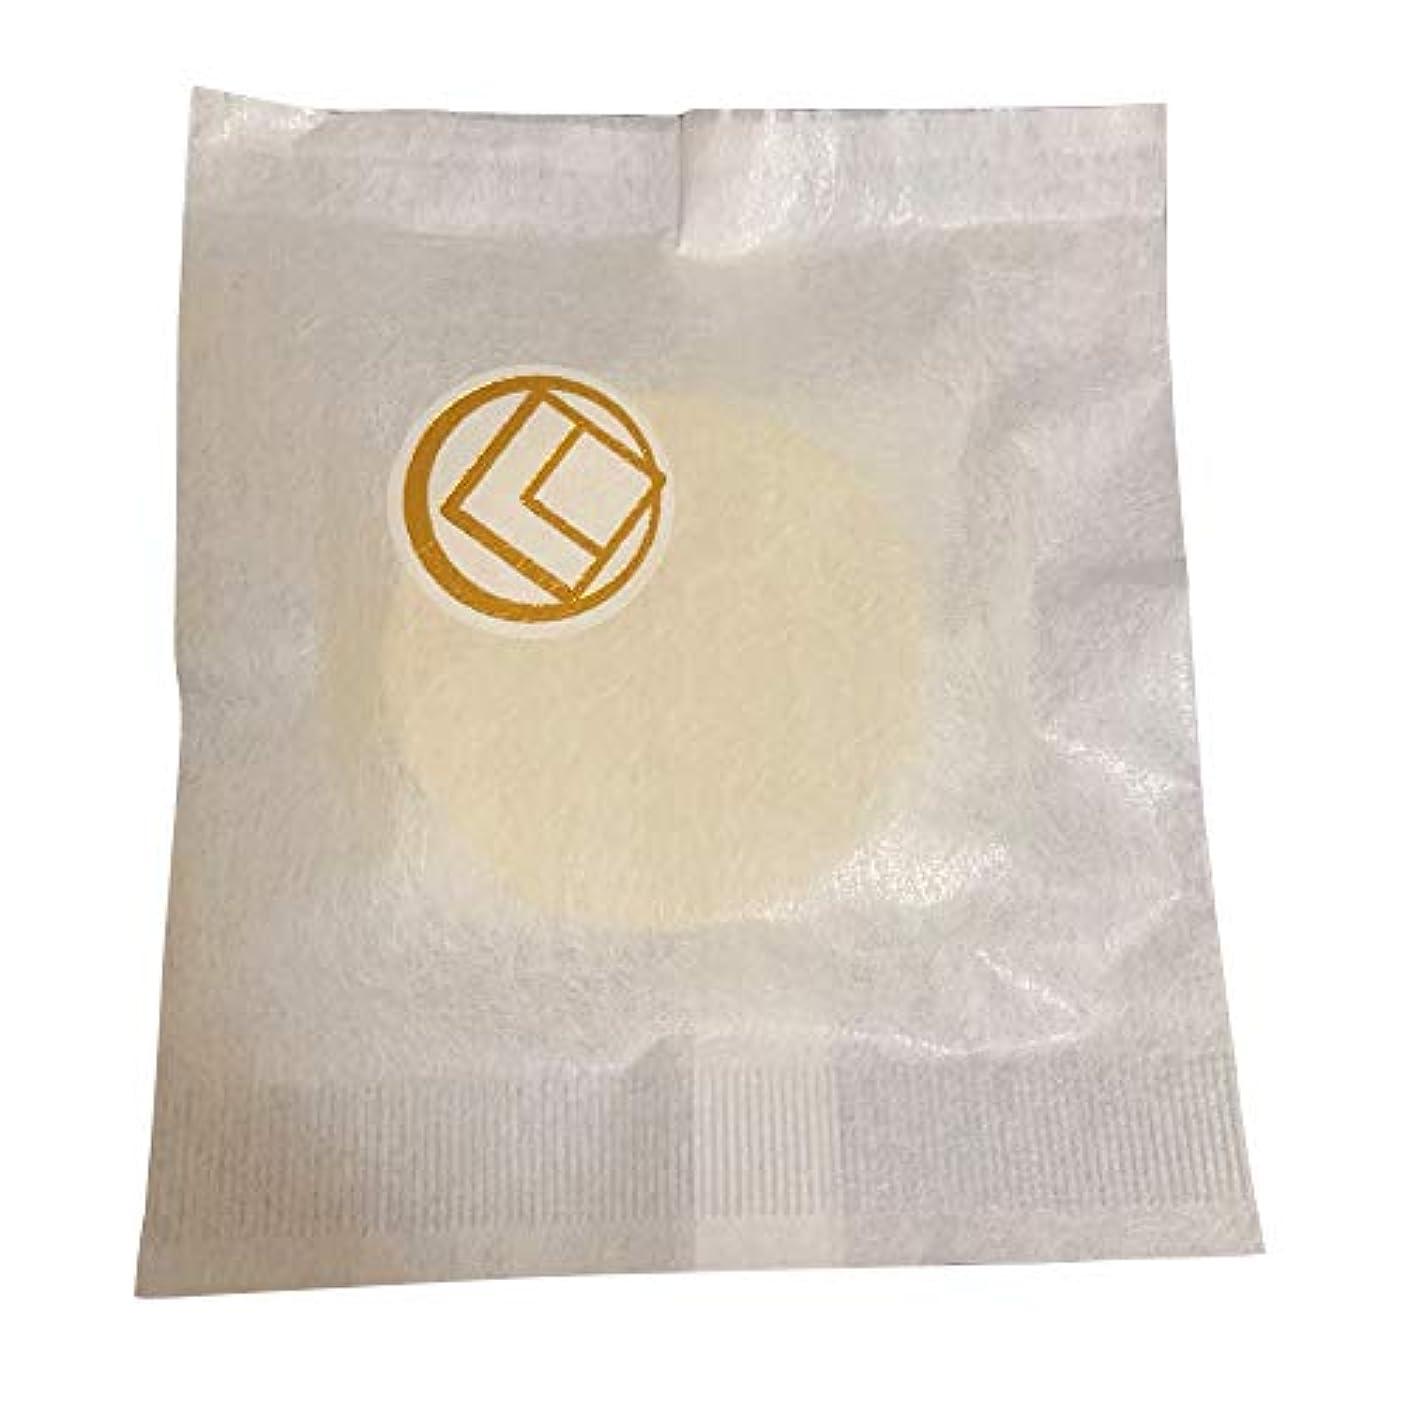 反逆者永久に反対する【肌断食専用】美塩(うつくしお)メイク落とし石鹸